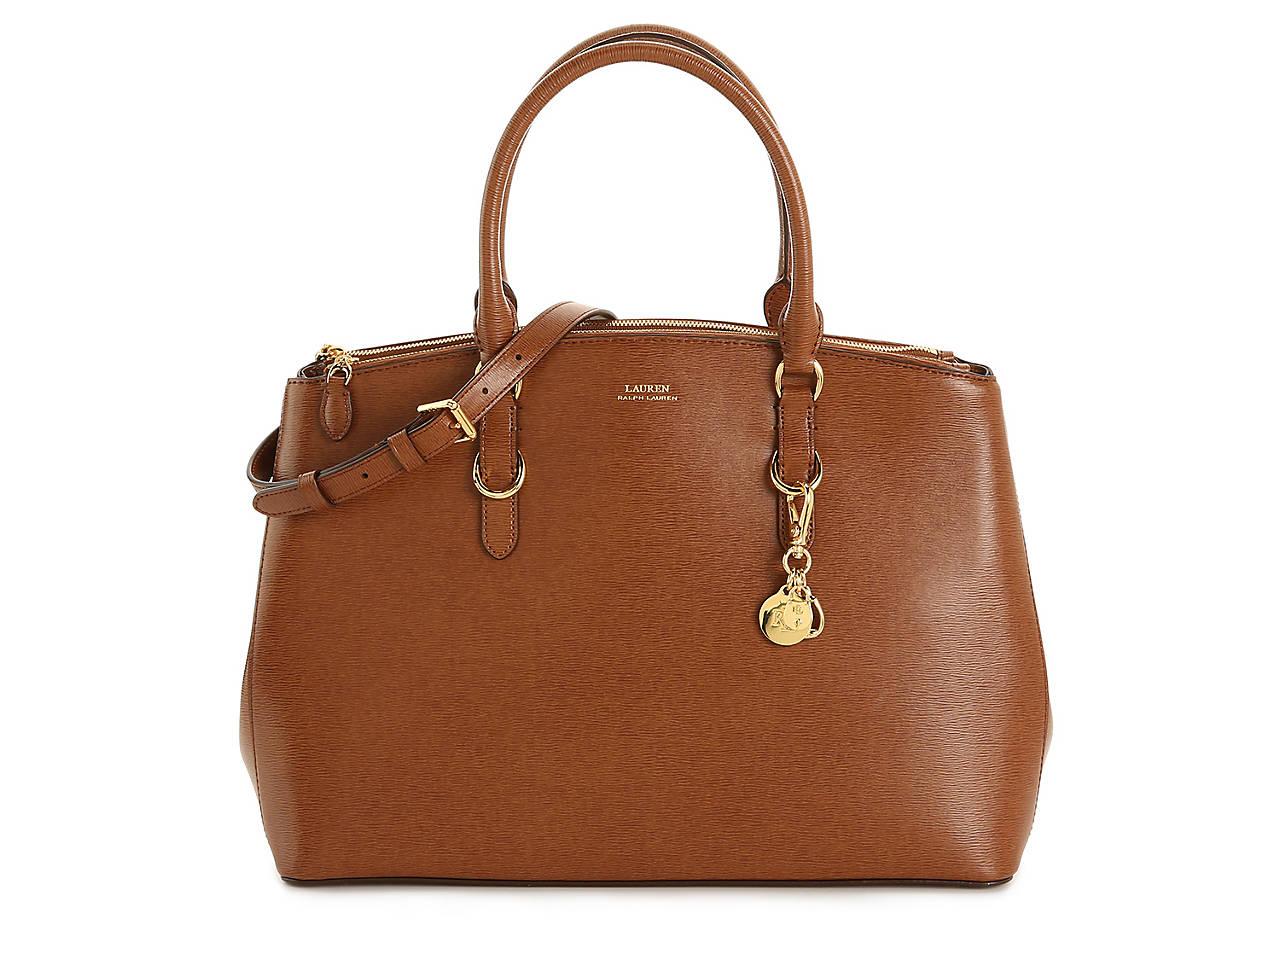 Double Zip Leather Satchel by Lauren Ralph Lauren